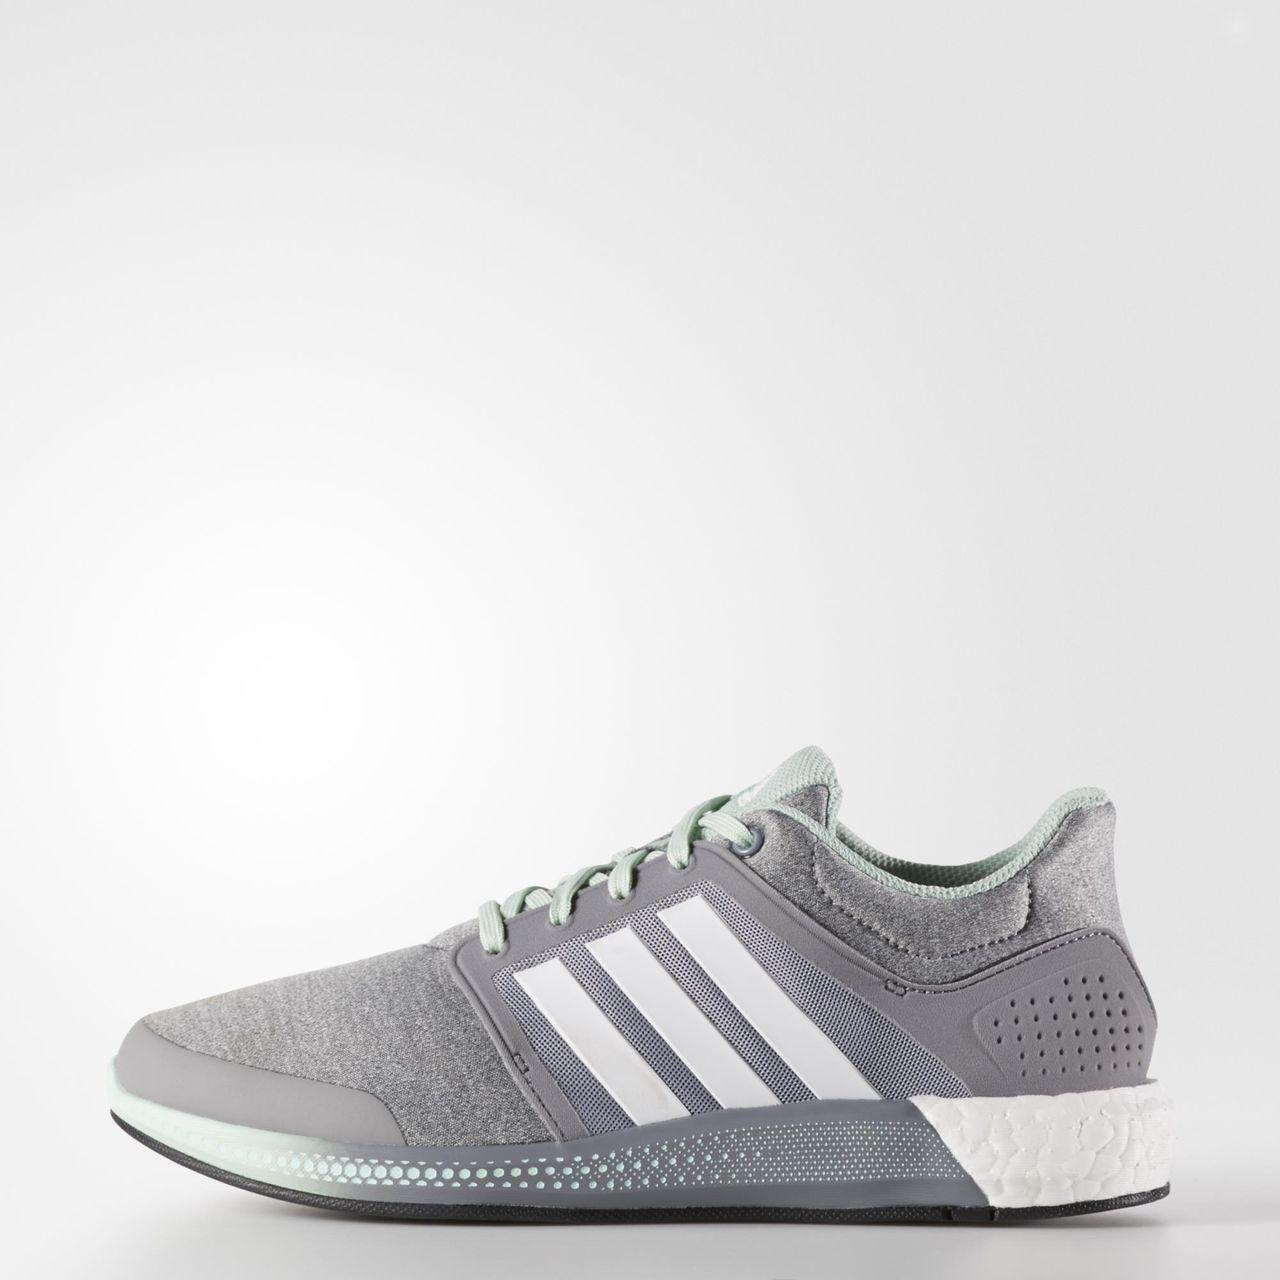 adidas Solar Boost Shoes - Grey | adidas US